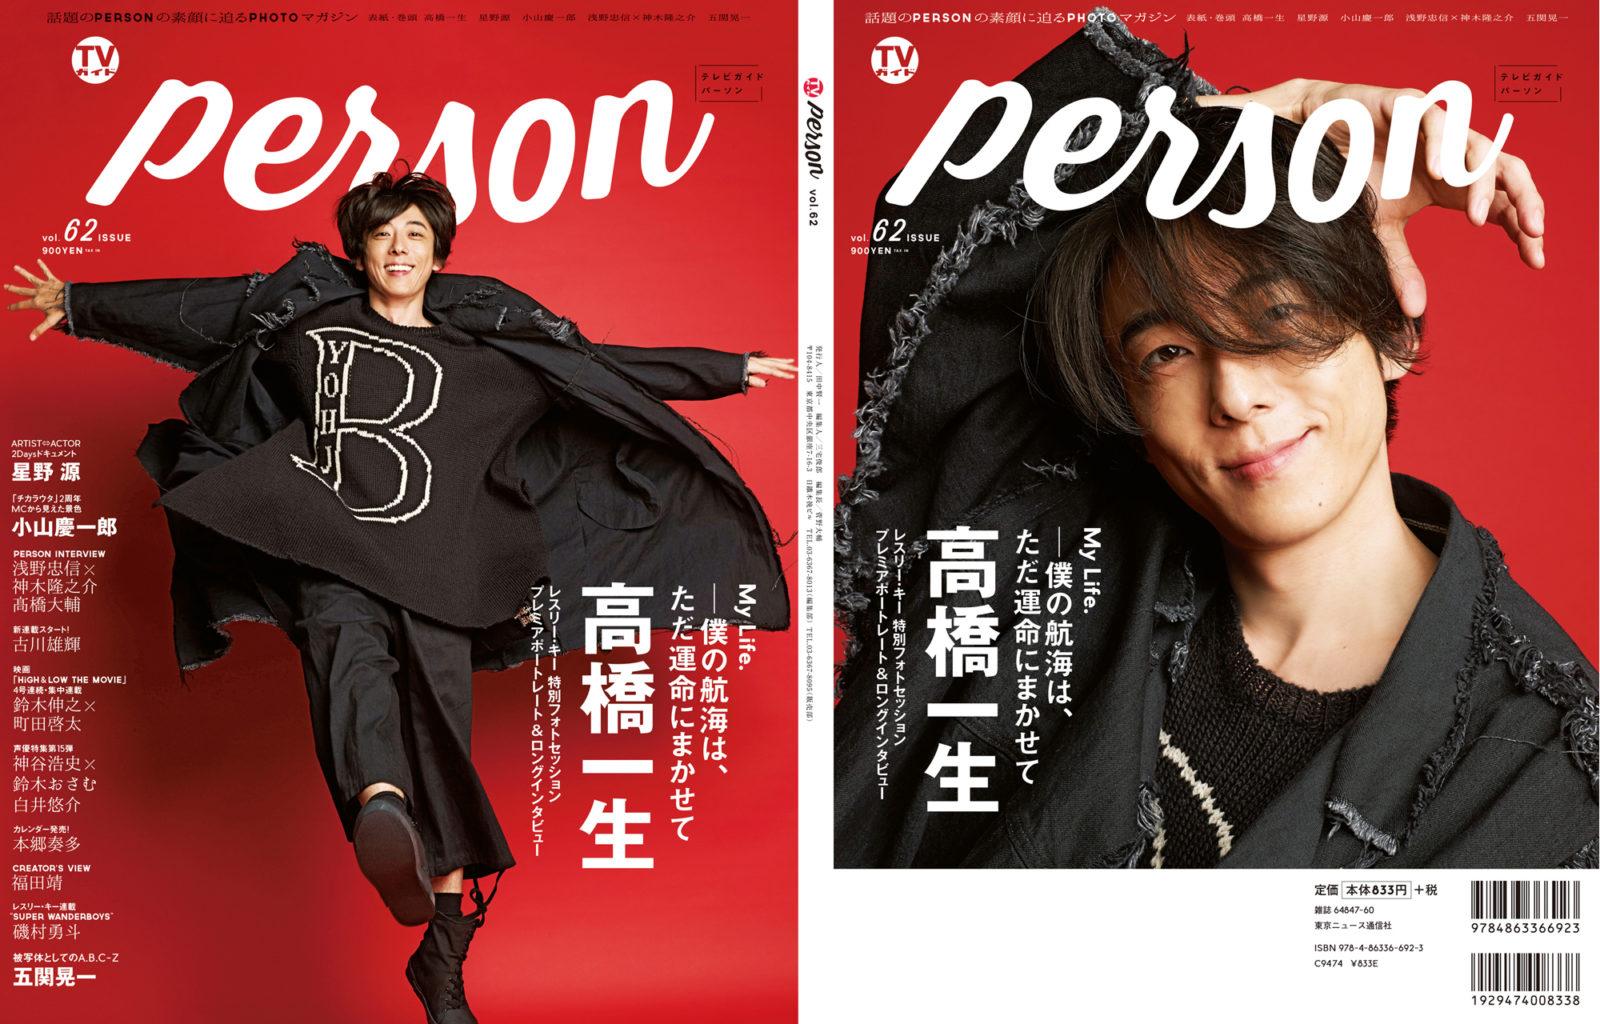 高橋一生表紙のPHOTOマガジンが増刷!星野源の2日間追っかけドキュメントも人気サムネイル画像